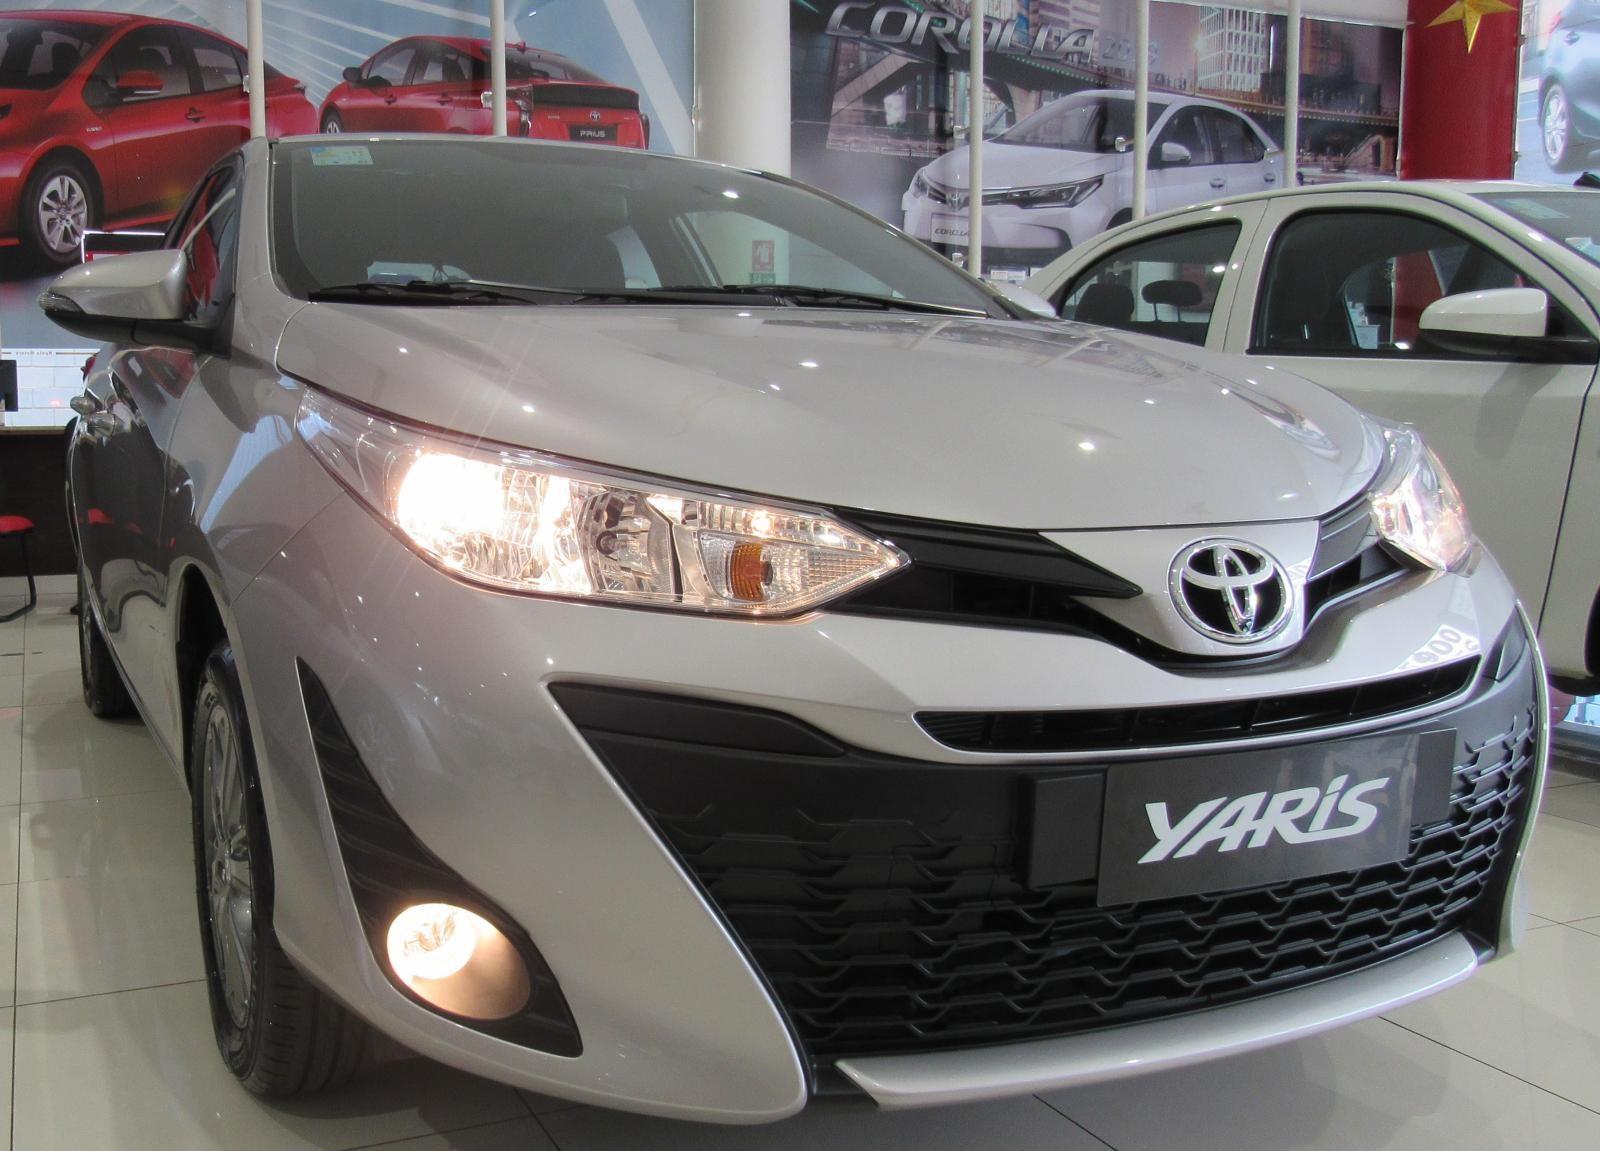 //www.autoline.com.br/carro/toyota/yaris-13-xl-live-16v-flex-4p-automatico/2020/brasilia-df/12330614